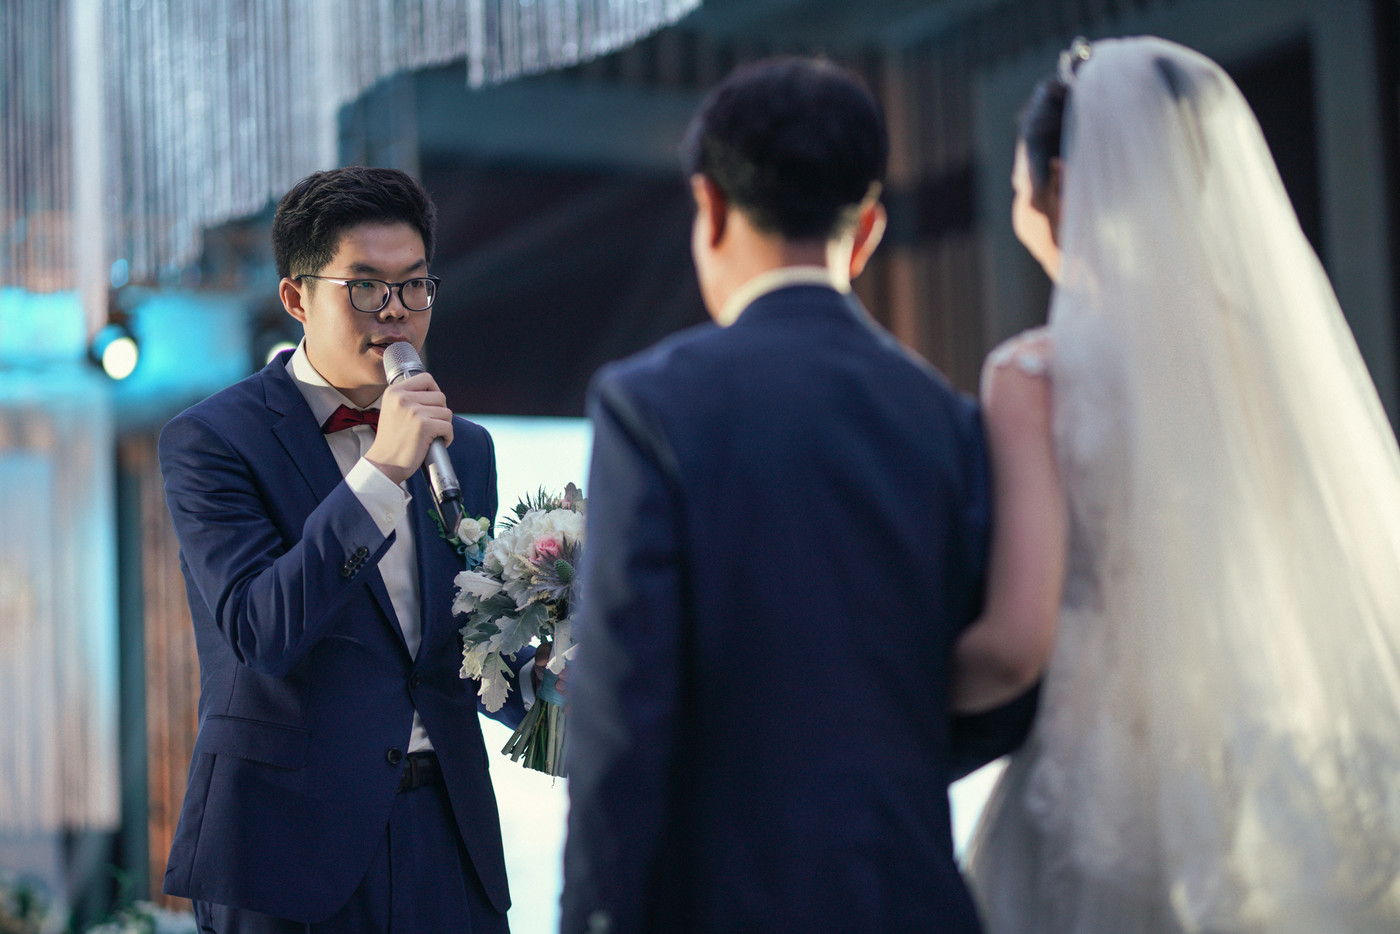 【KAI 婚礼纪实】P&S 南京婚礼53